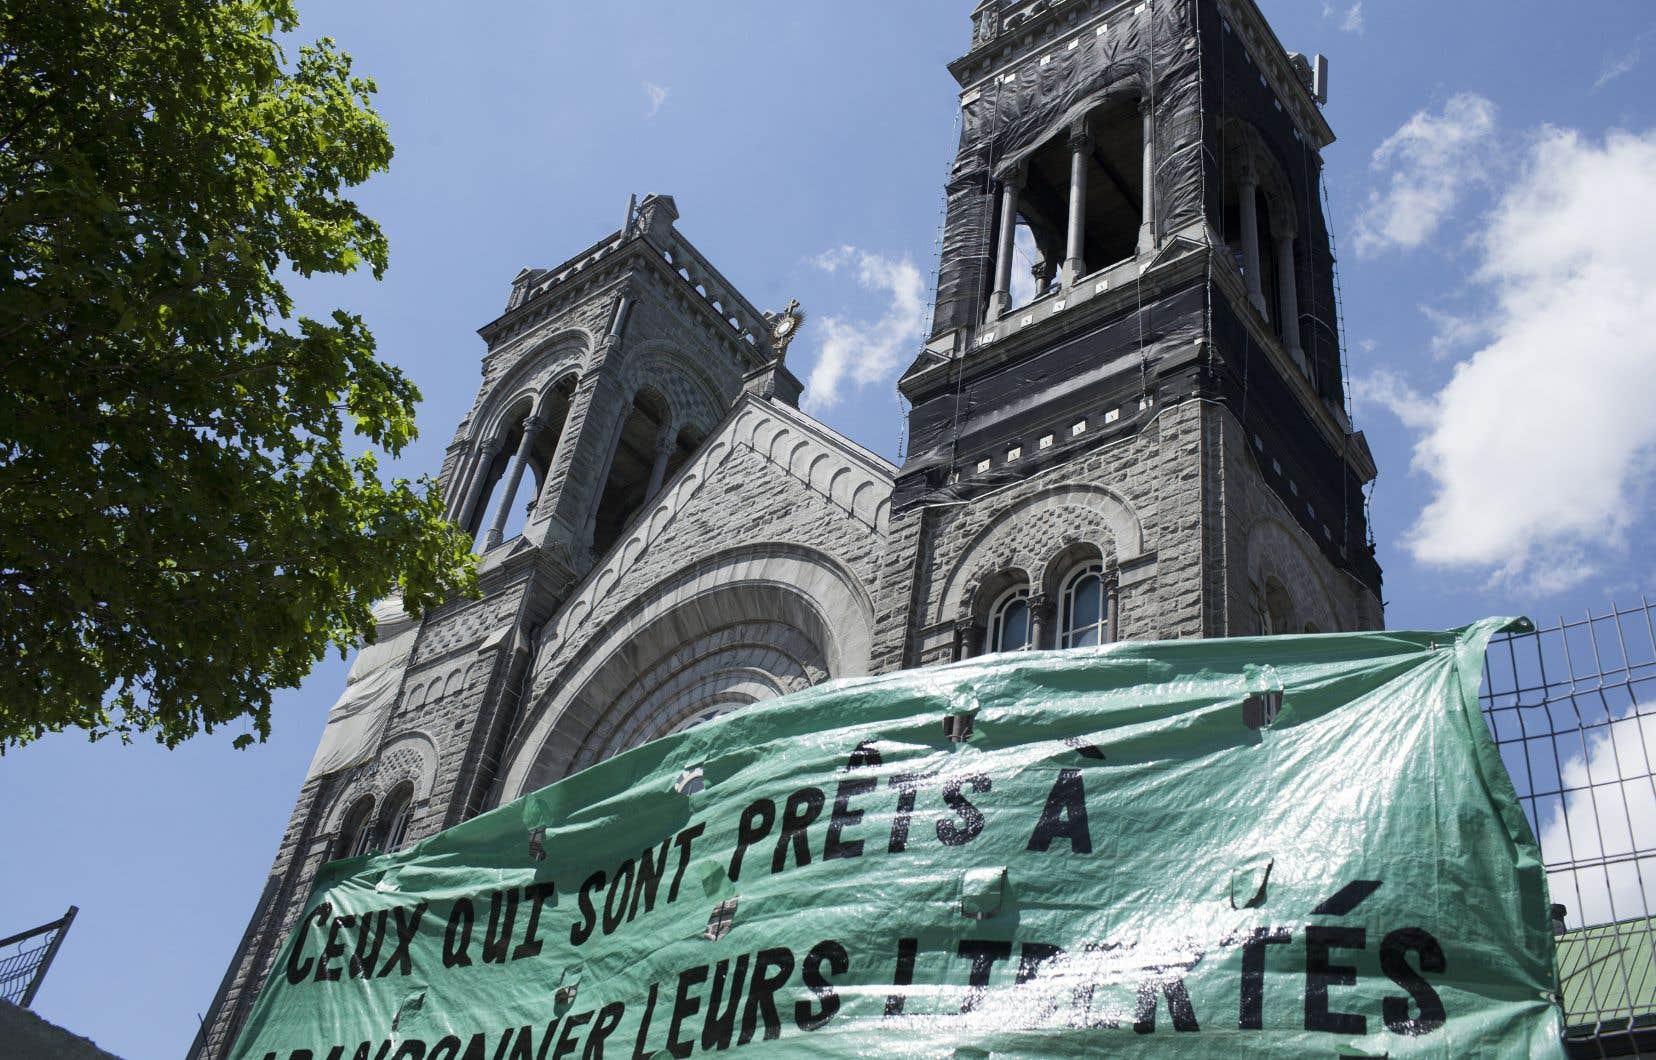 La pétition du groupe citoyen SOS Saint-Sacrement pour sauver l'église a recueilli plus de 9000 signatures réclamant son sauvetage.